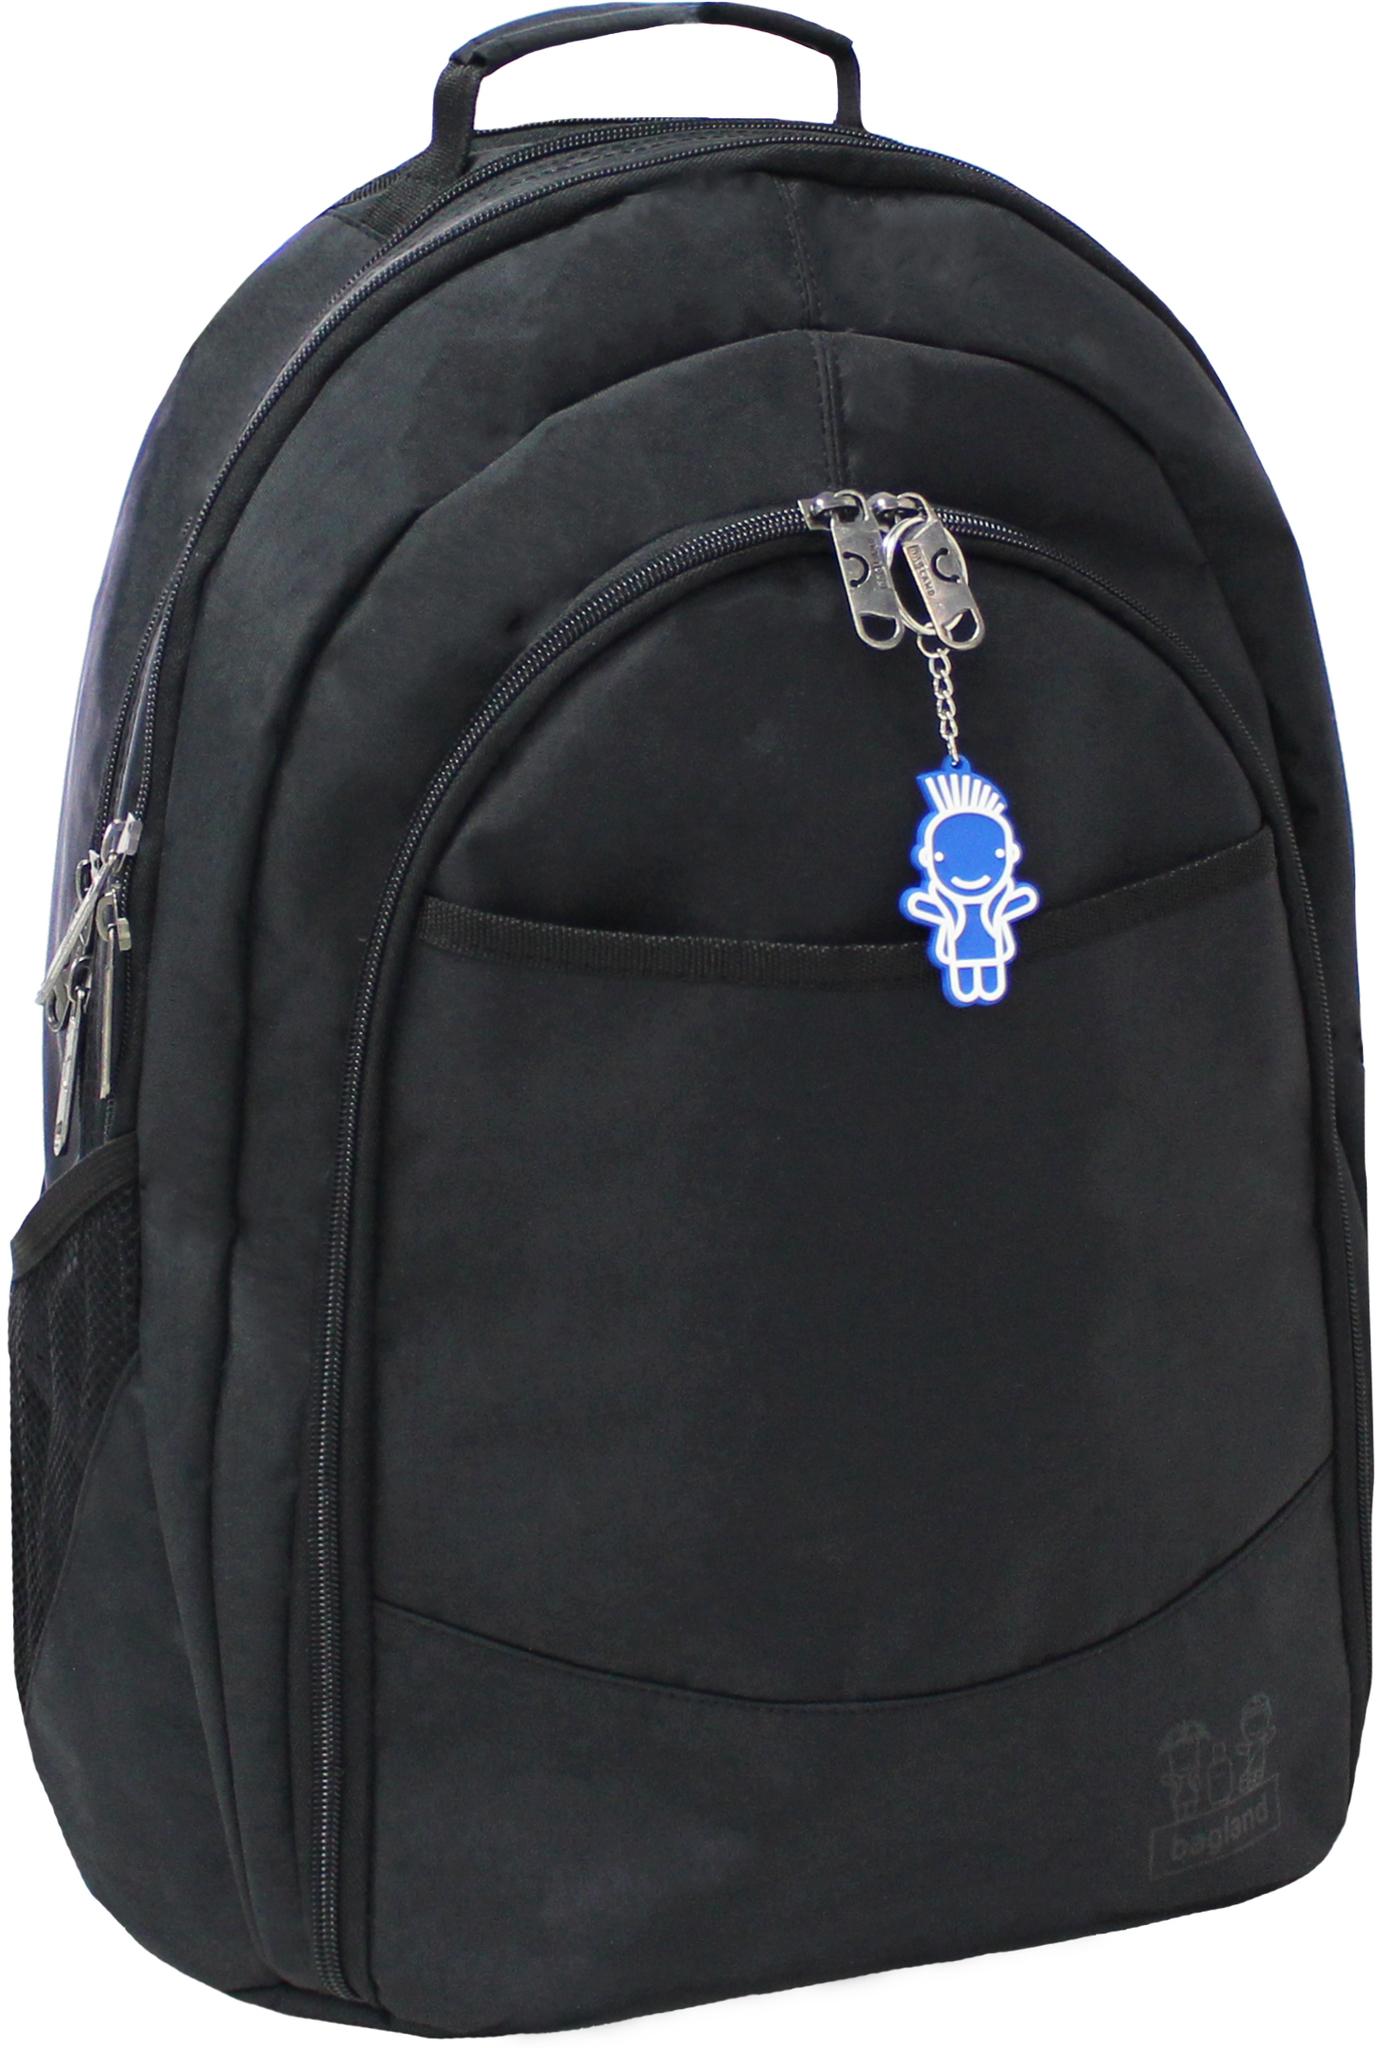 Городские рюкзаки Рюкзак Bagland Сити 32 л. Чёрный (0018070) IMG_5979.JPG